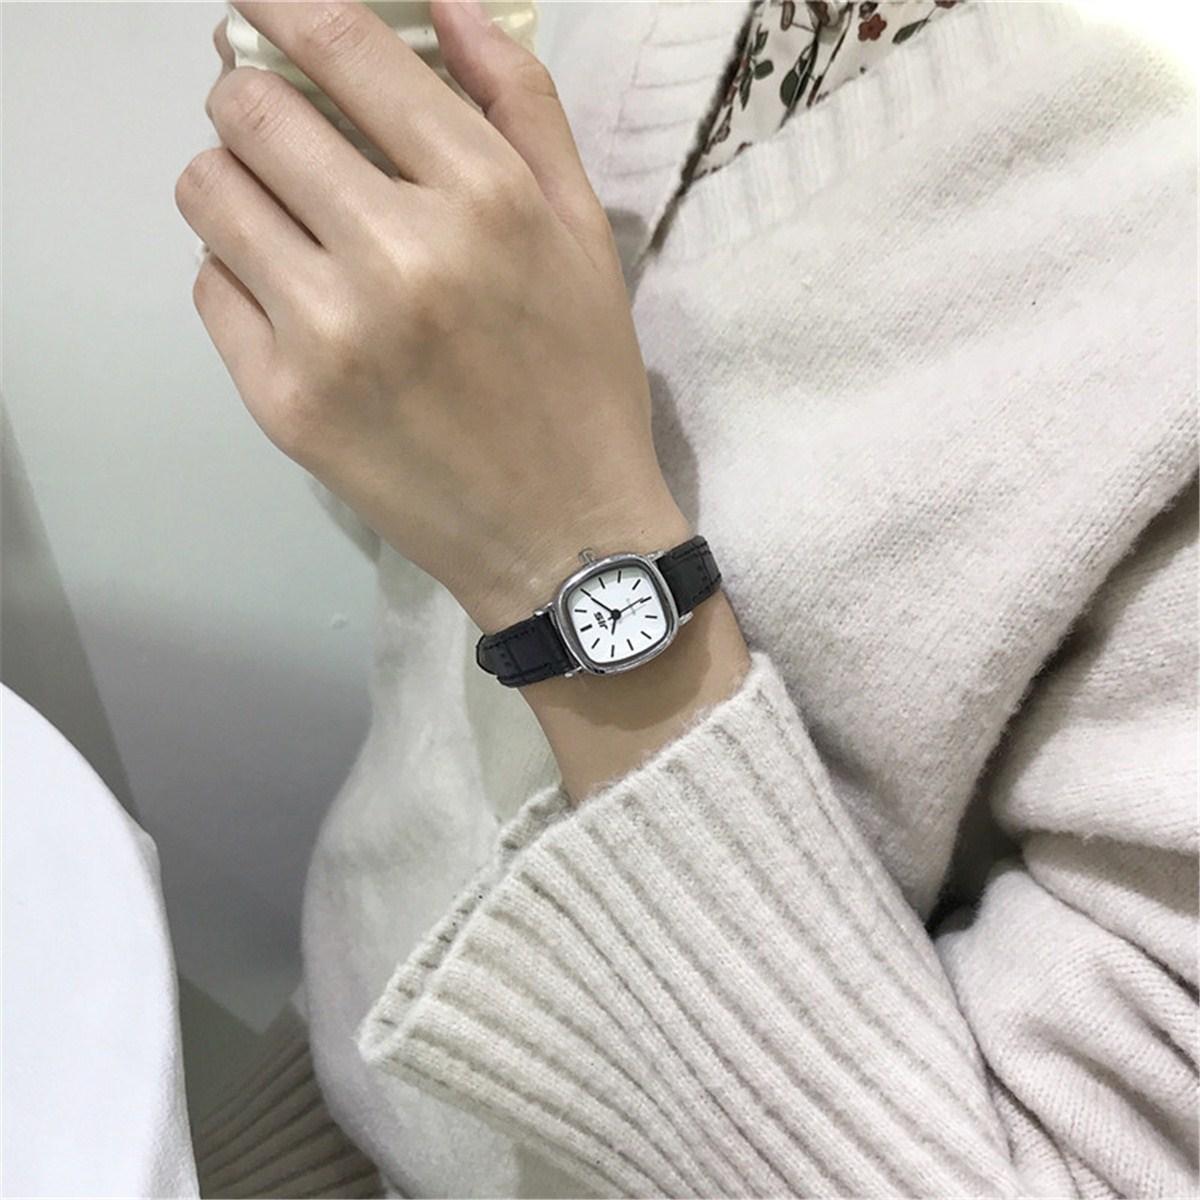 森女学院風文芸腕時計女子学生韓版シンプルファッションulzing復古スタイルガールカップル